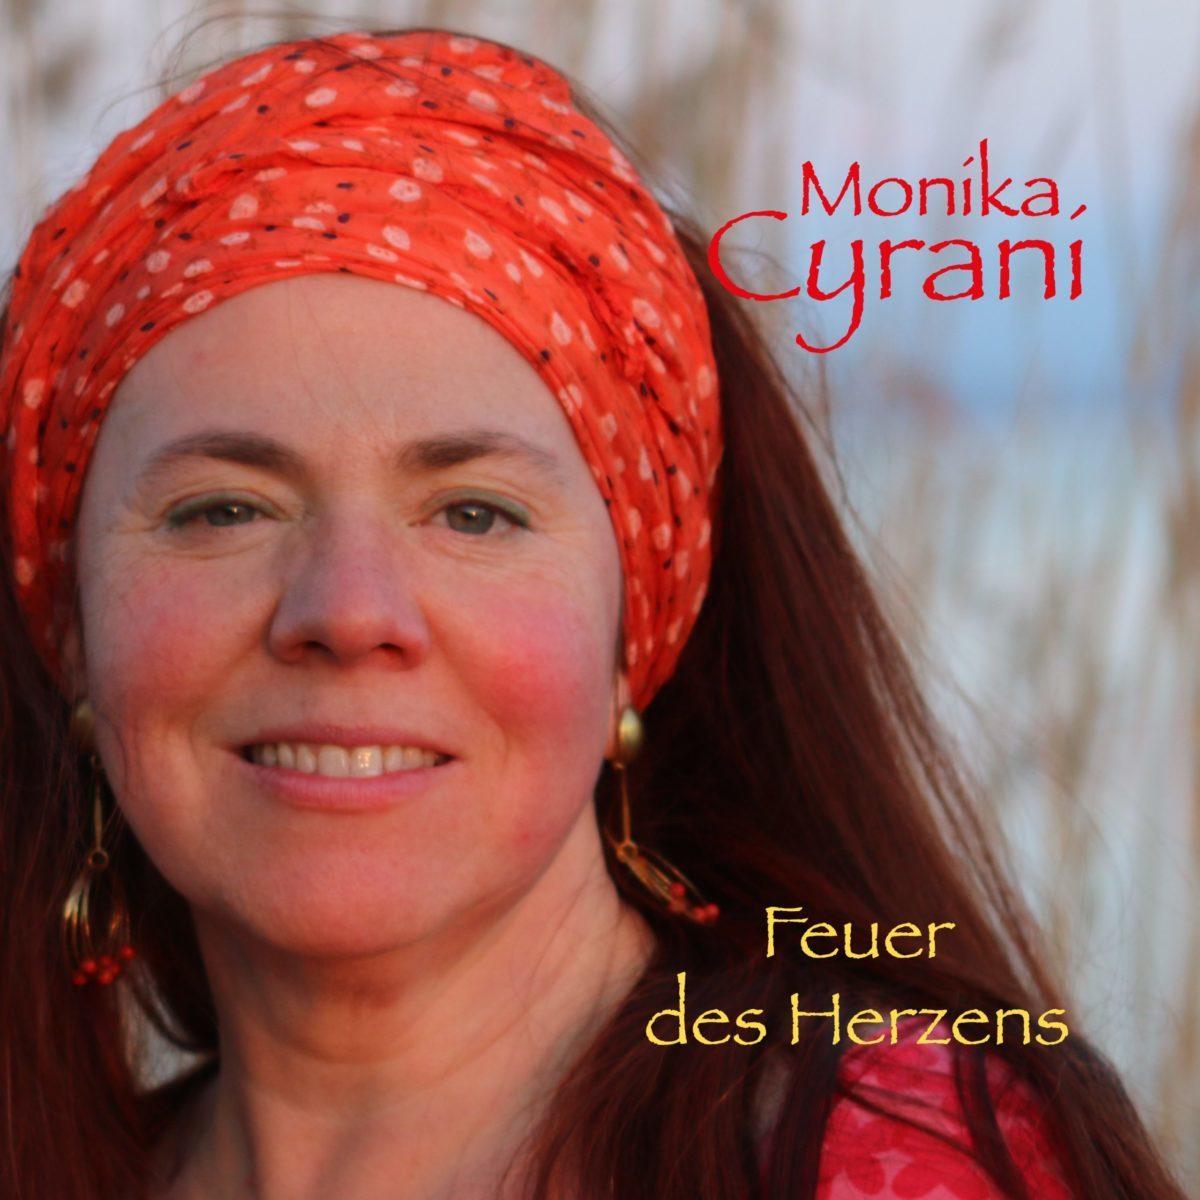 Feuer des Herzens Cover | Monika Cyrani - Sängerin